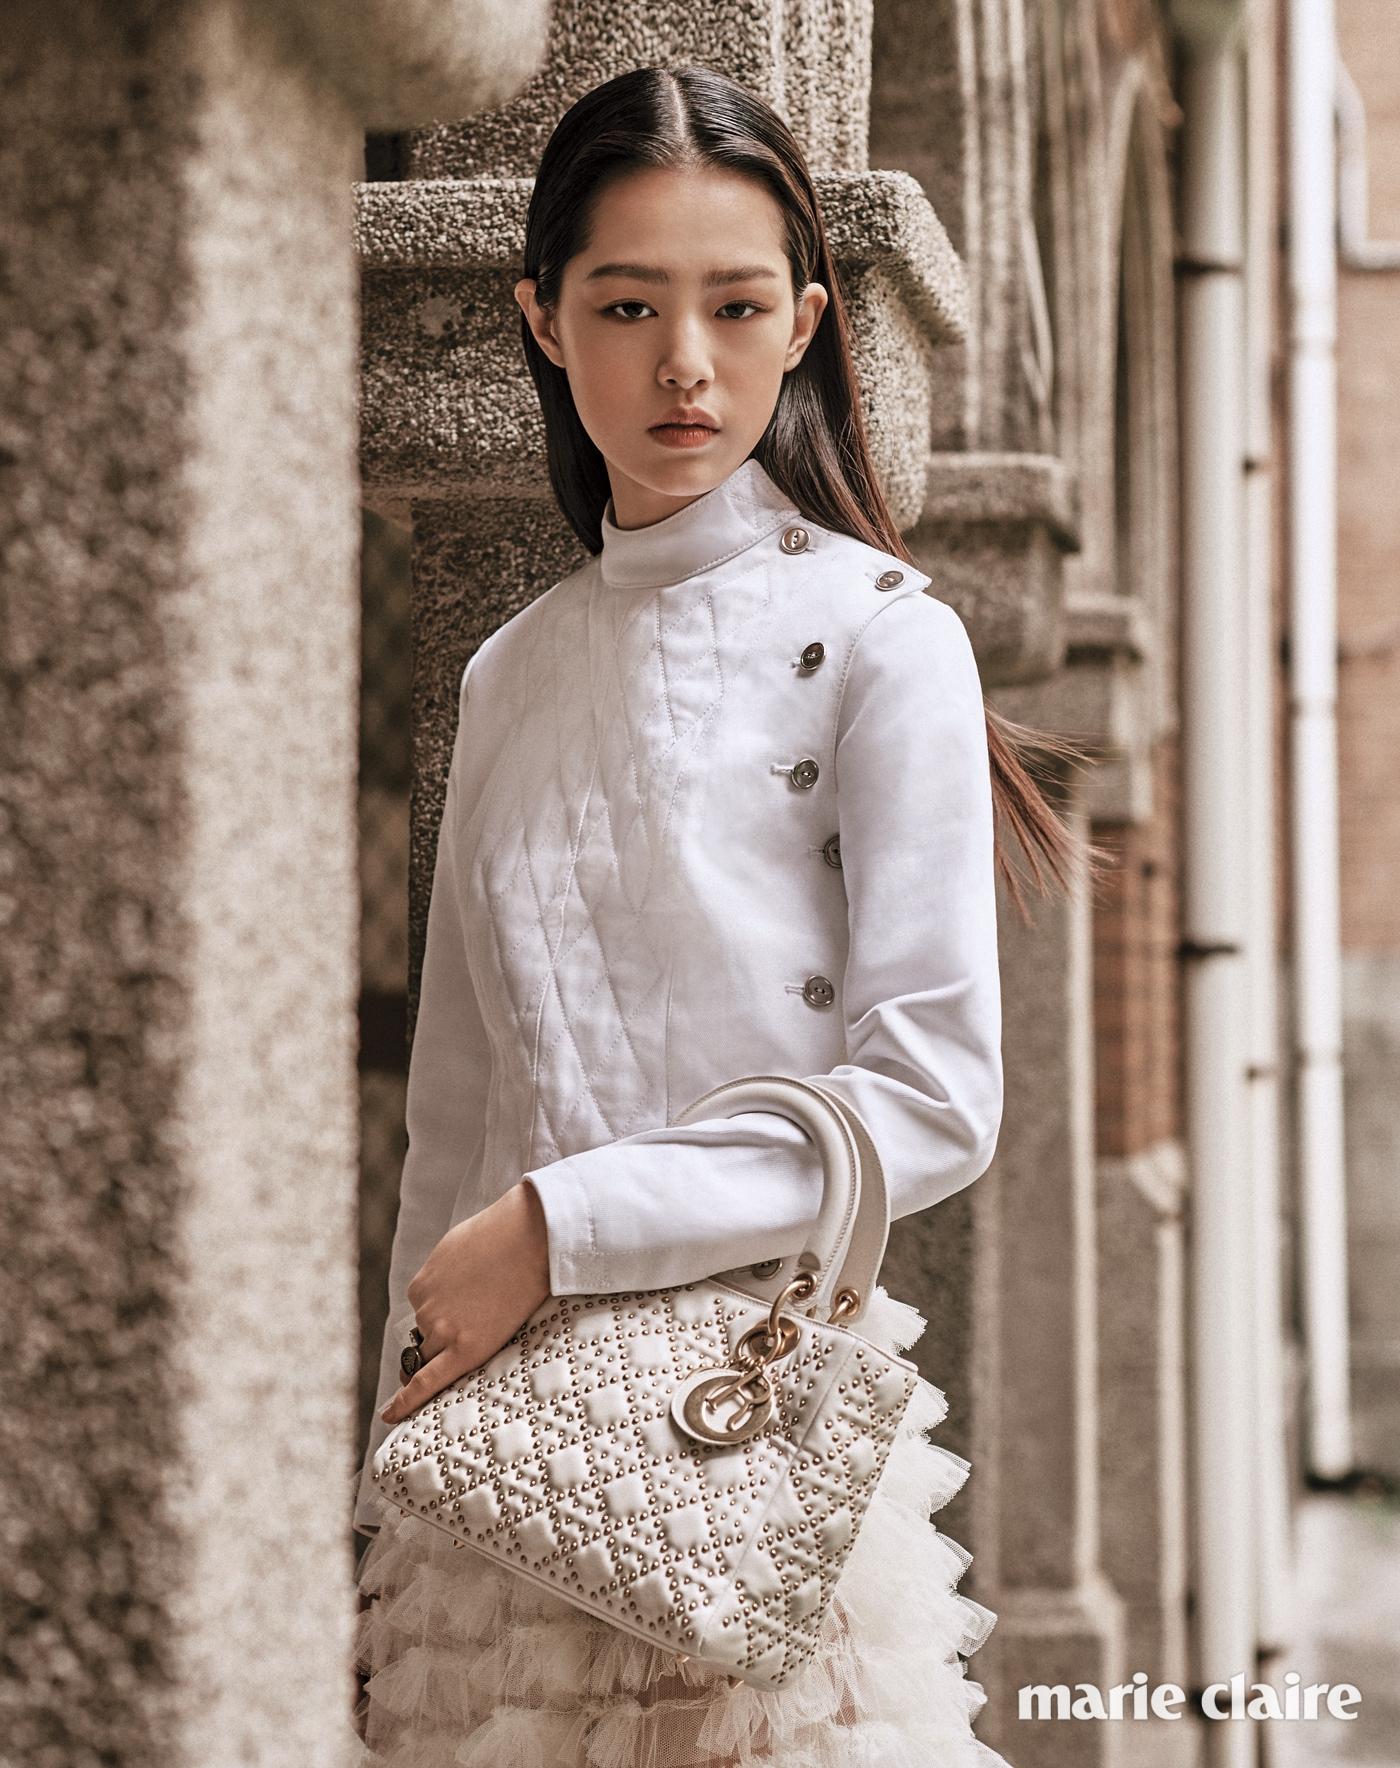 화이트 코튼 재킷과 튈 스커트, 스터드 장식 레이디 디올 백 모두 디올(Dior).